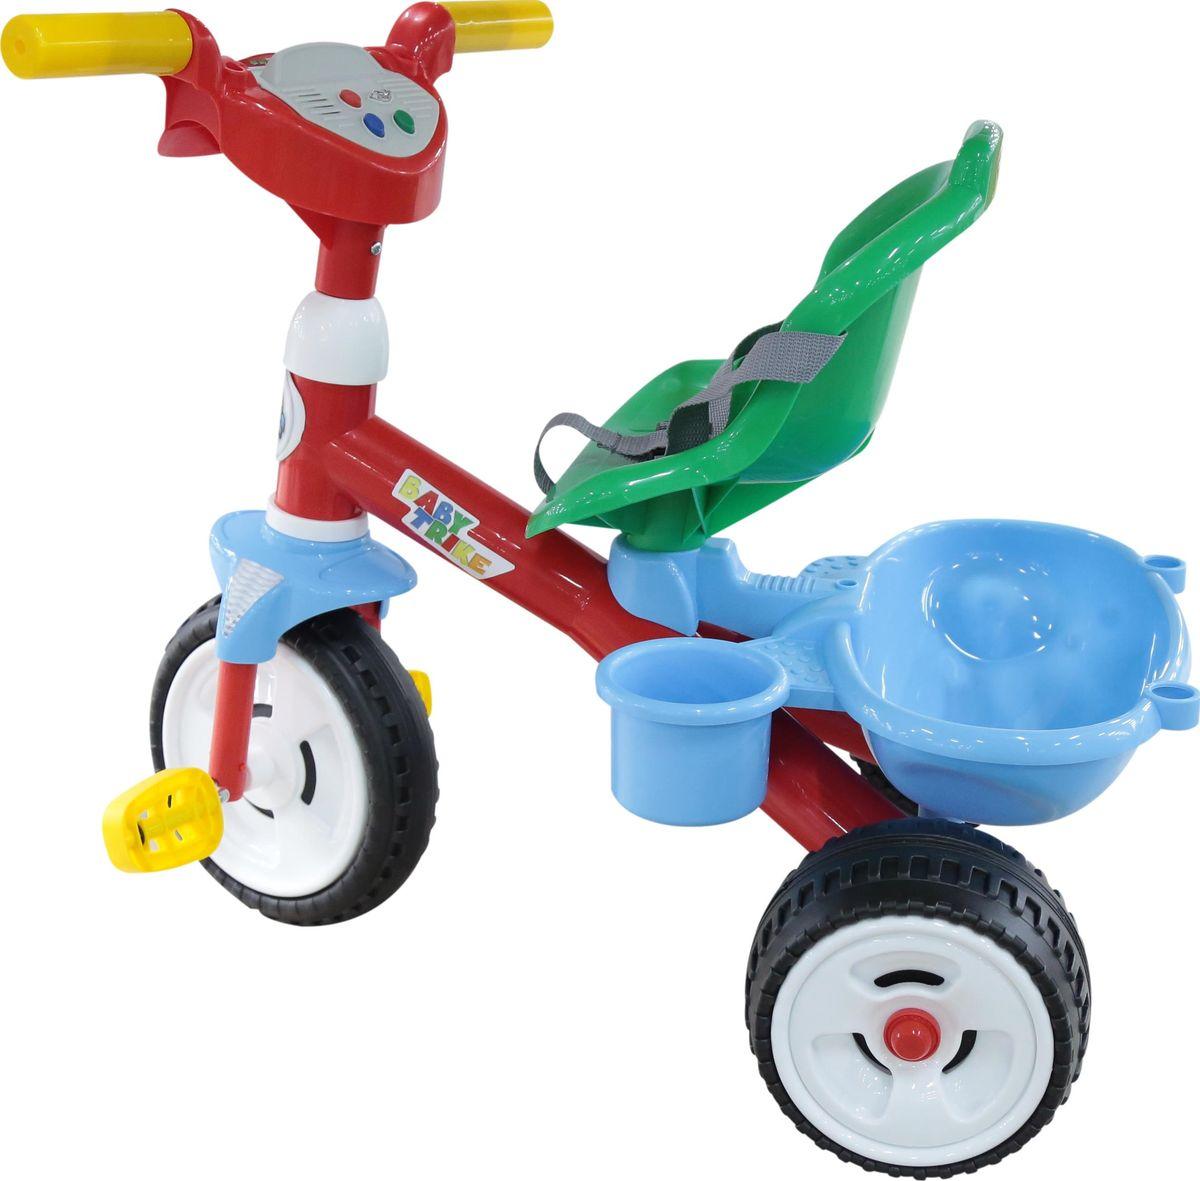 Полесье Велосипед трехколесный Беби Трайк 46734 Полесье